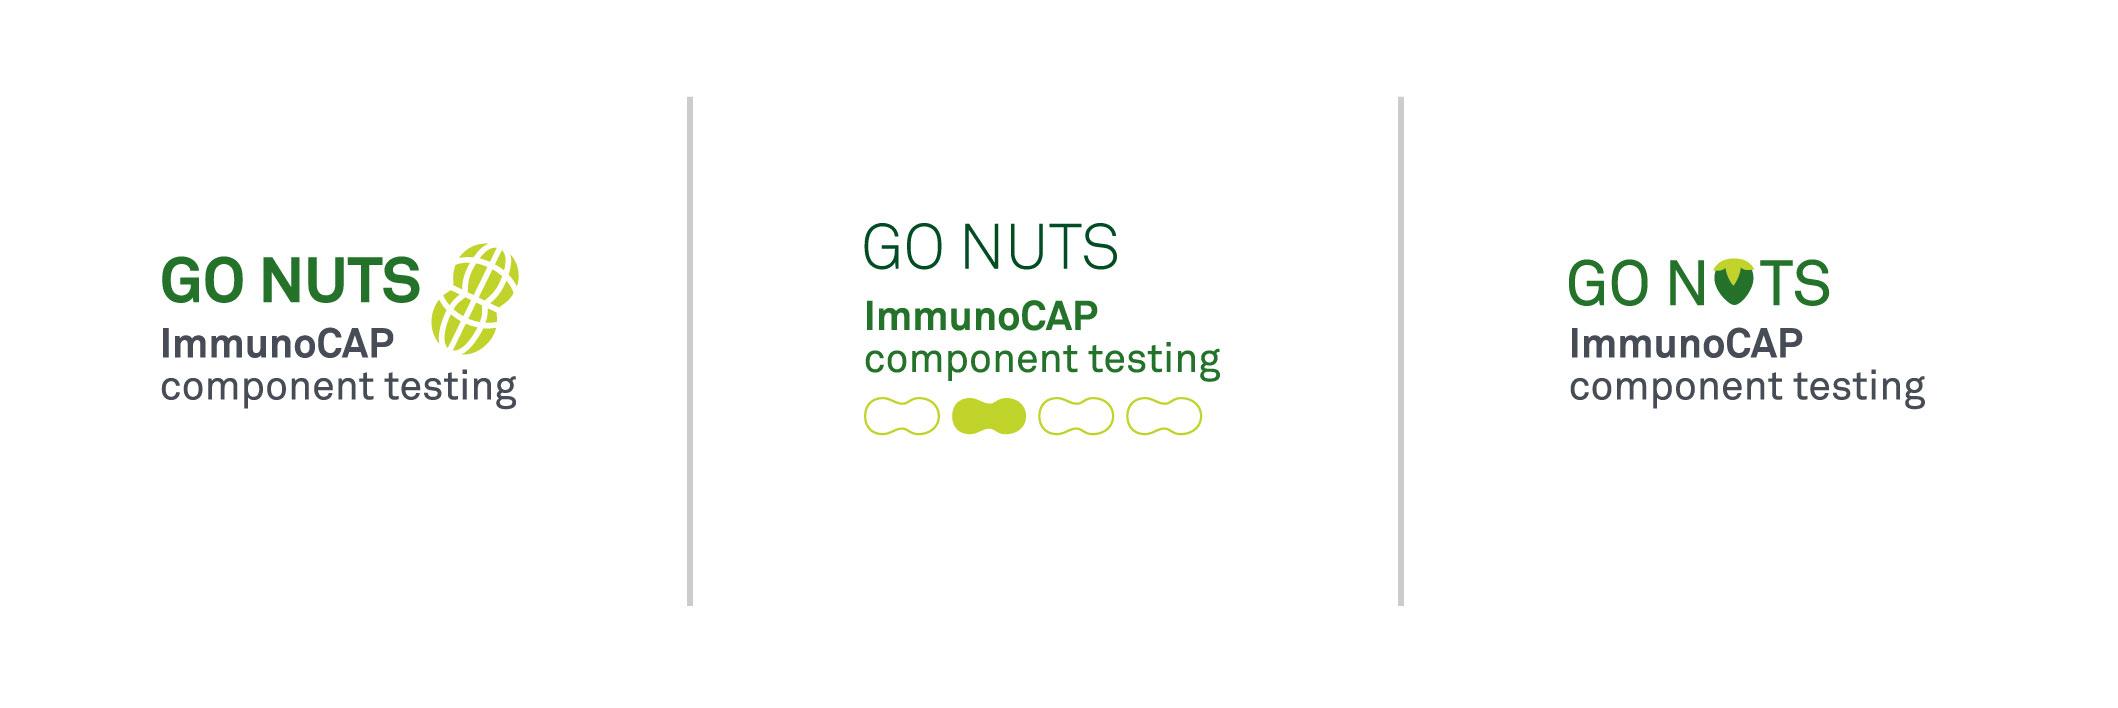 Quest Diagnostics nut testing